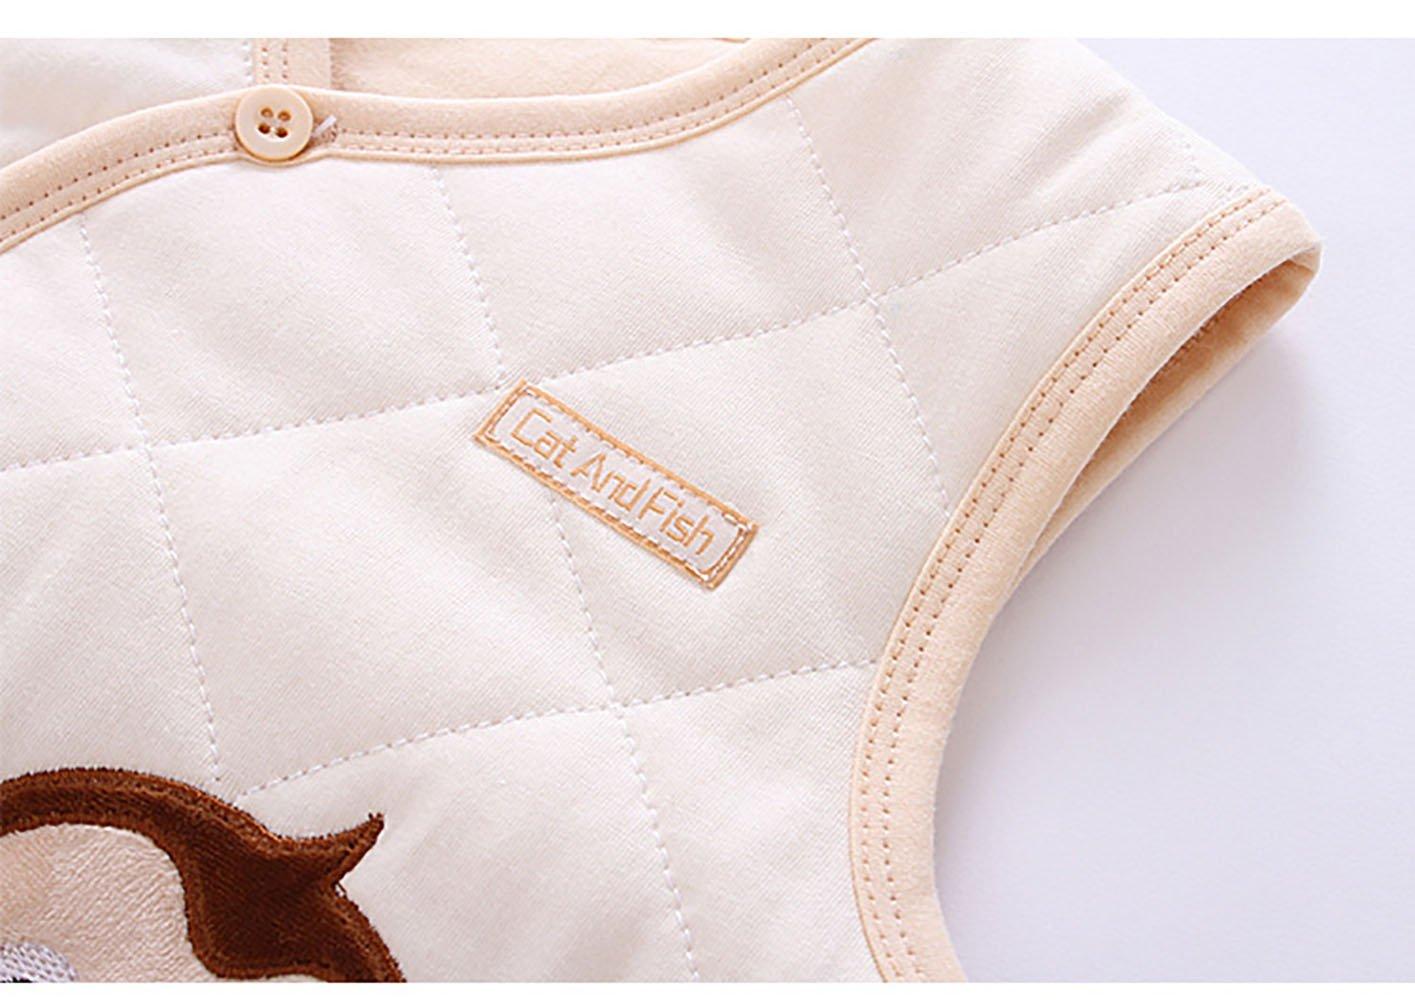 ThreeH Chaqueta de bebé Caliente Chaleco de Invierno de algodón BR12 3